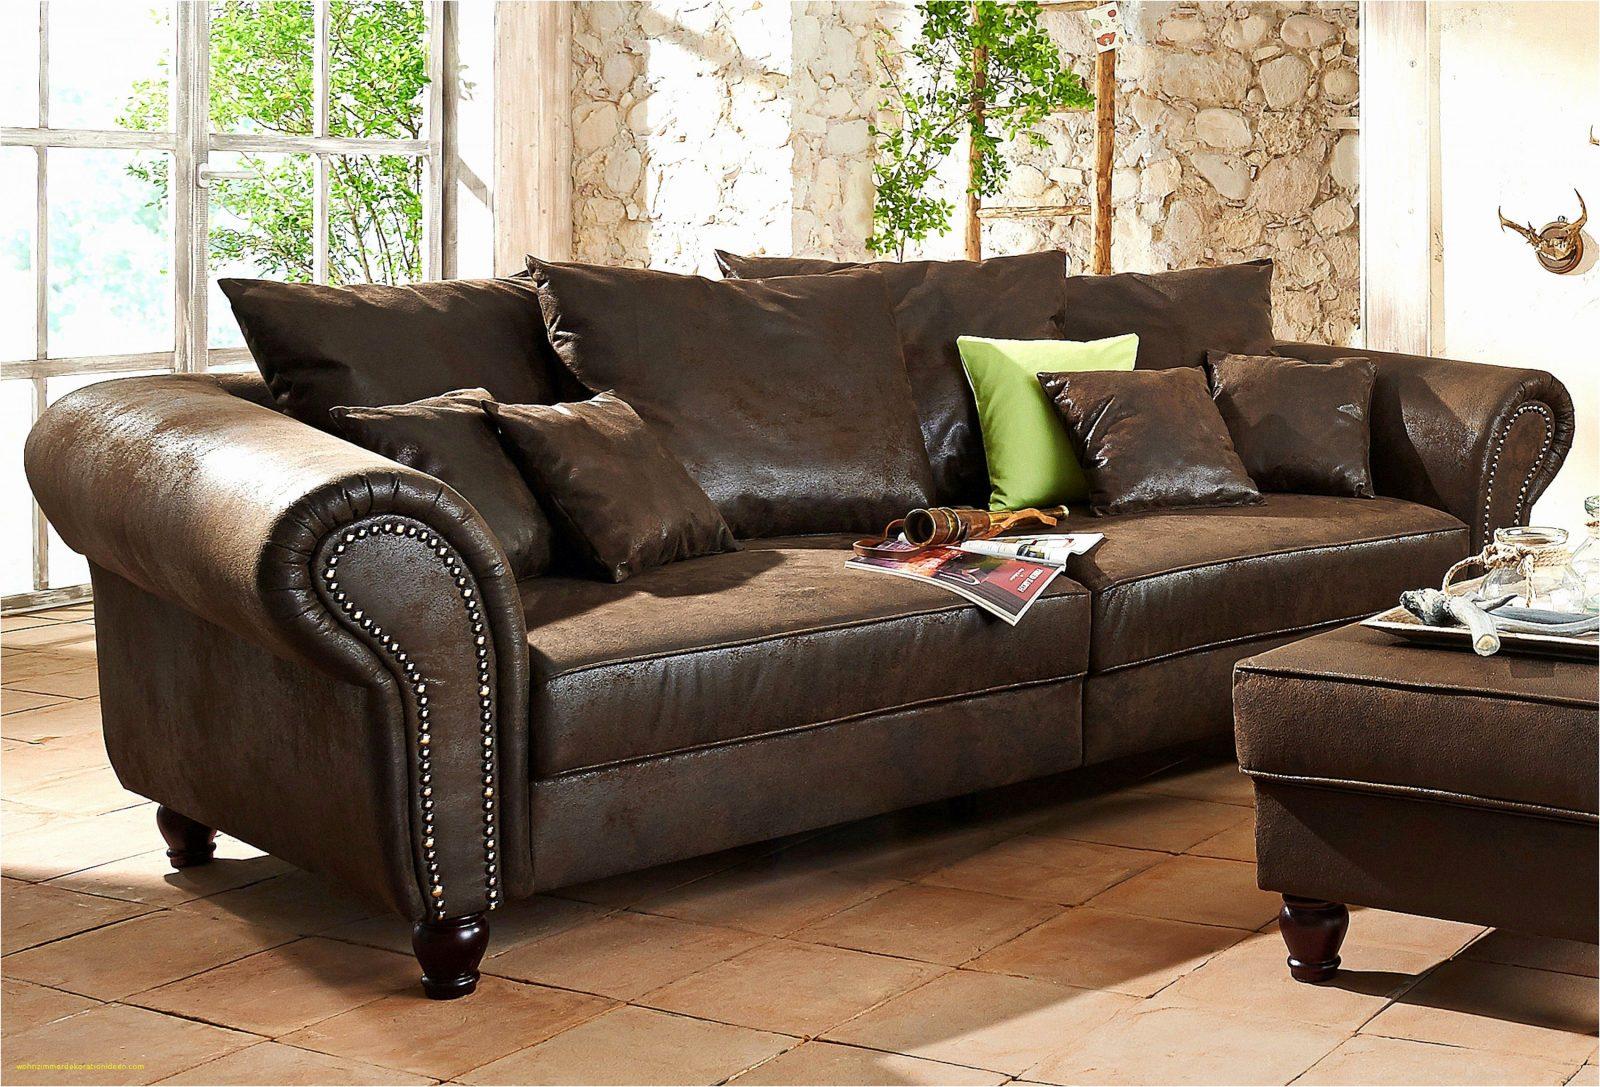 Big Sofa Auf Raten Kaufen Trotz Schufa Sofa Auf Rechnung Bestellen von Sofa Auf Raten Trotz Schufa Bild